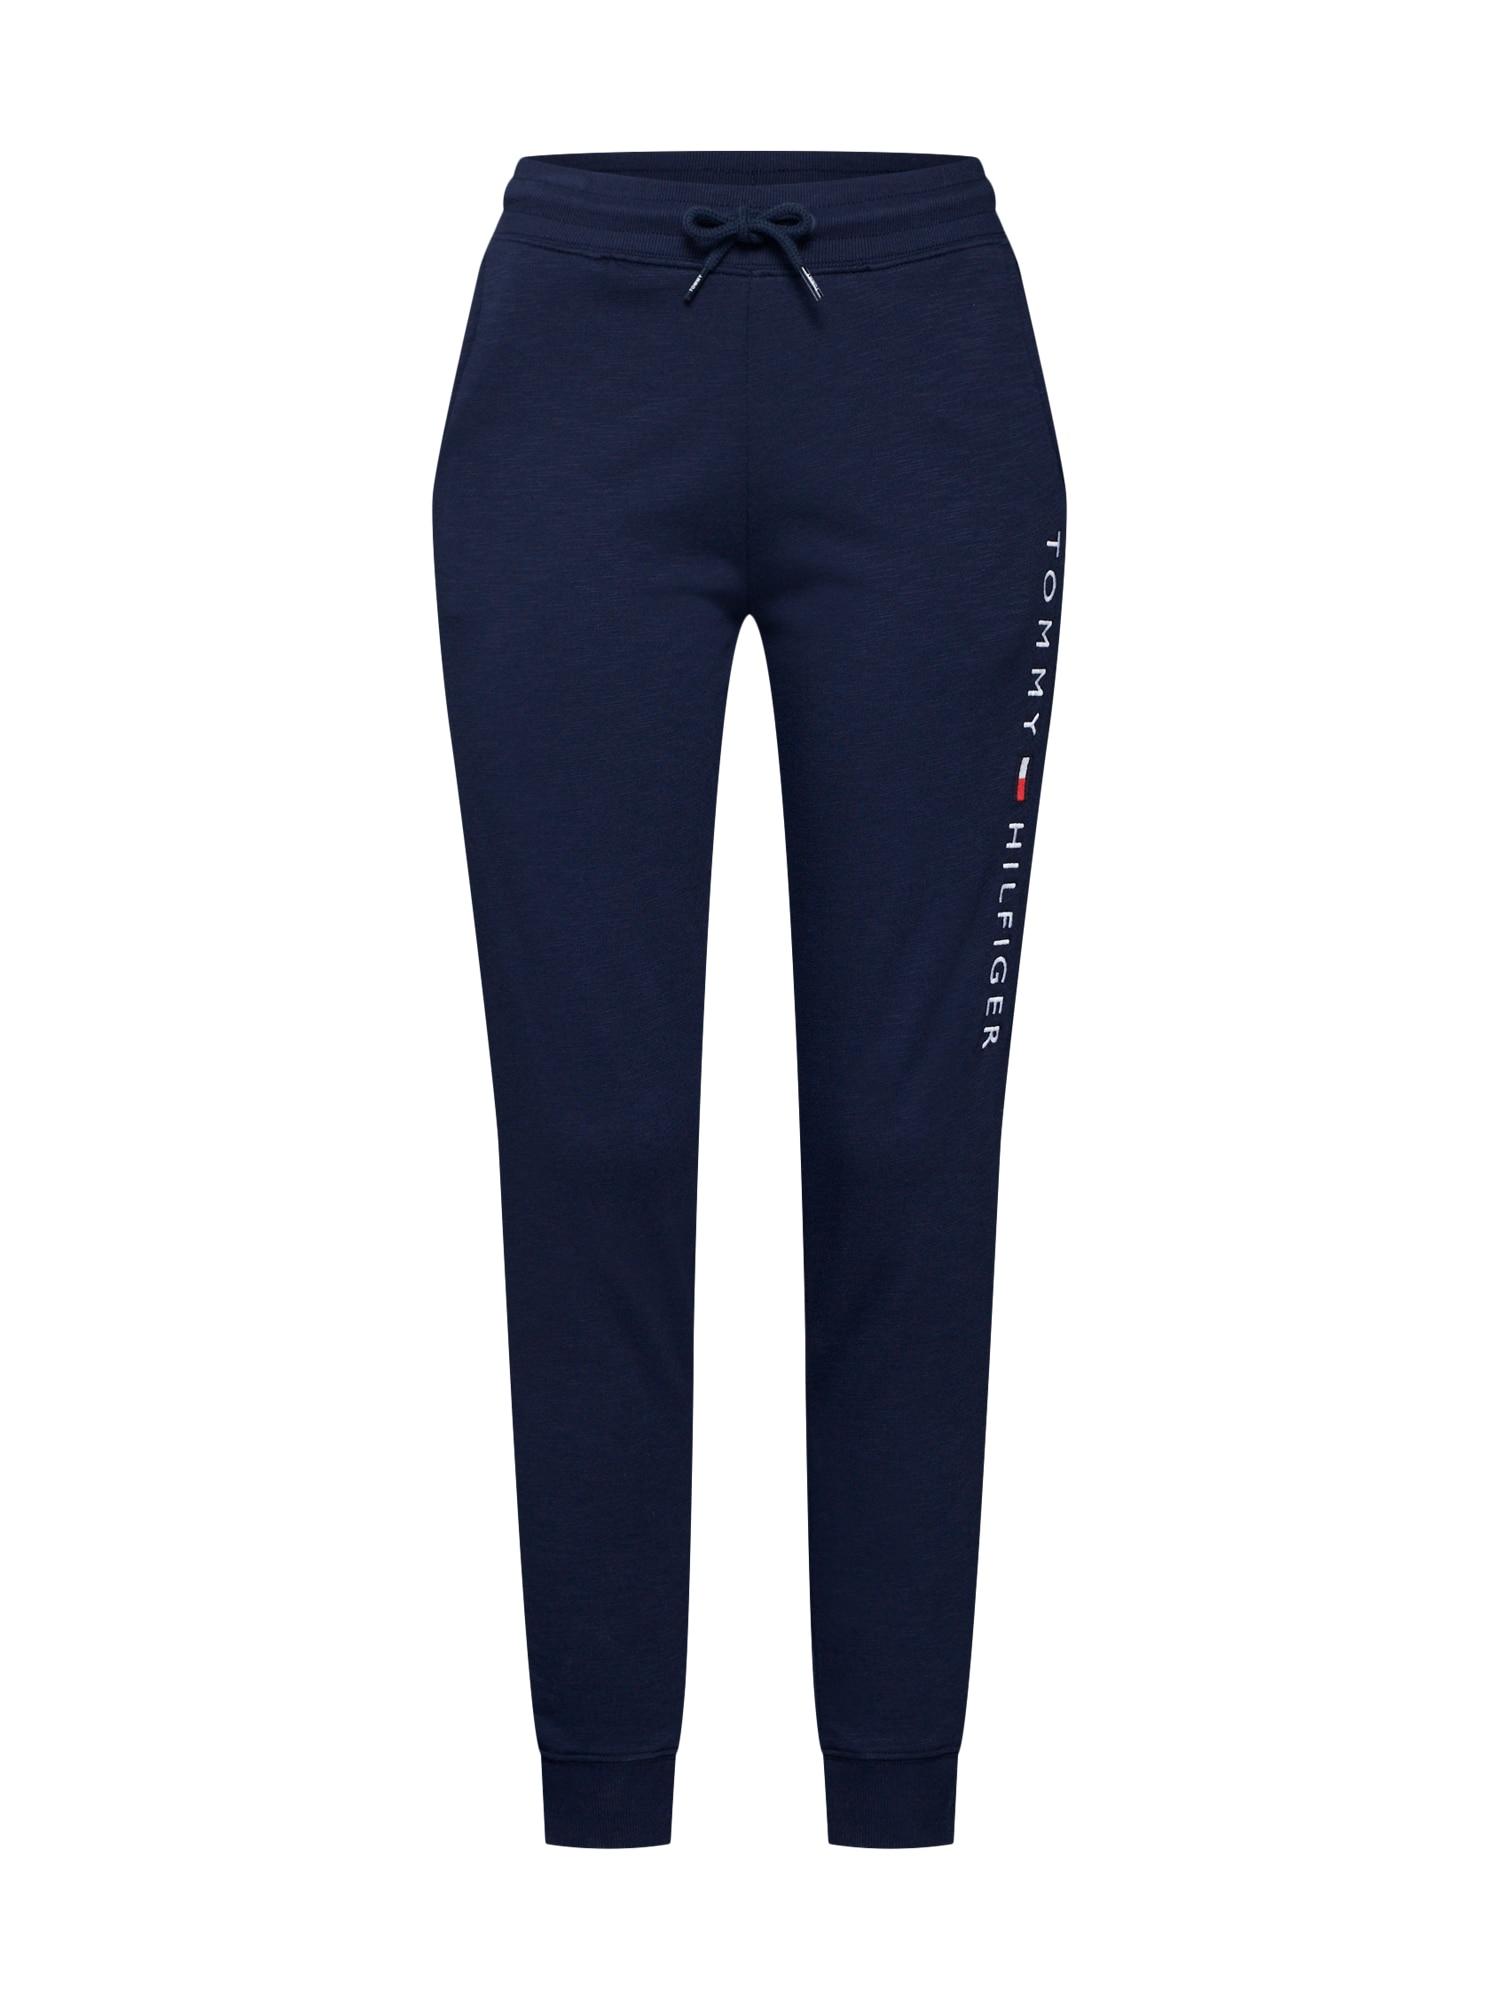 Pyžamové kalhoty CUFFED PANT tmavě modrá Tommy Hilfiger Underwear